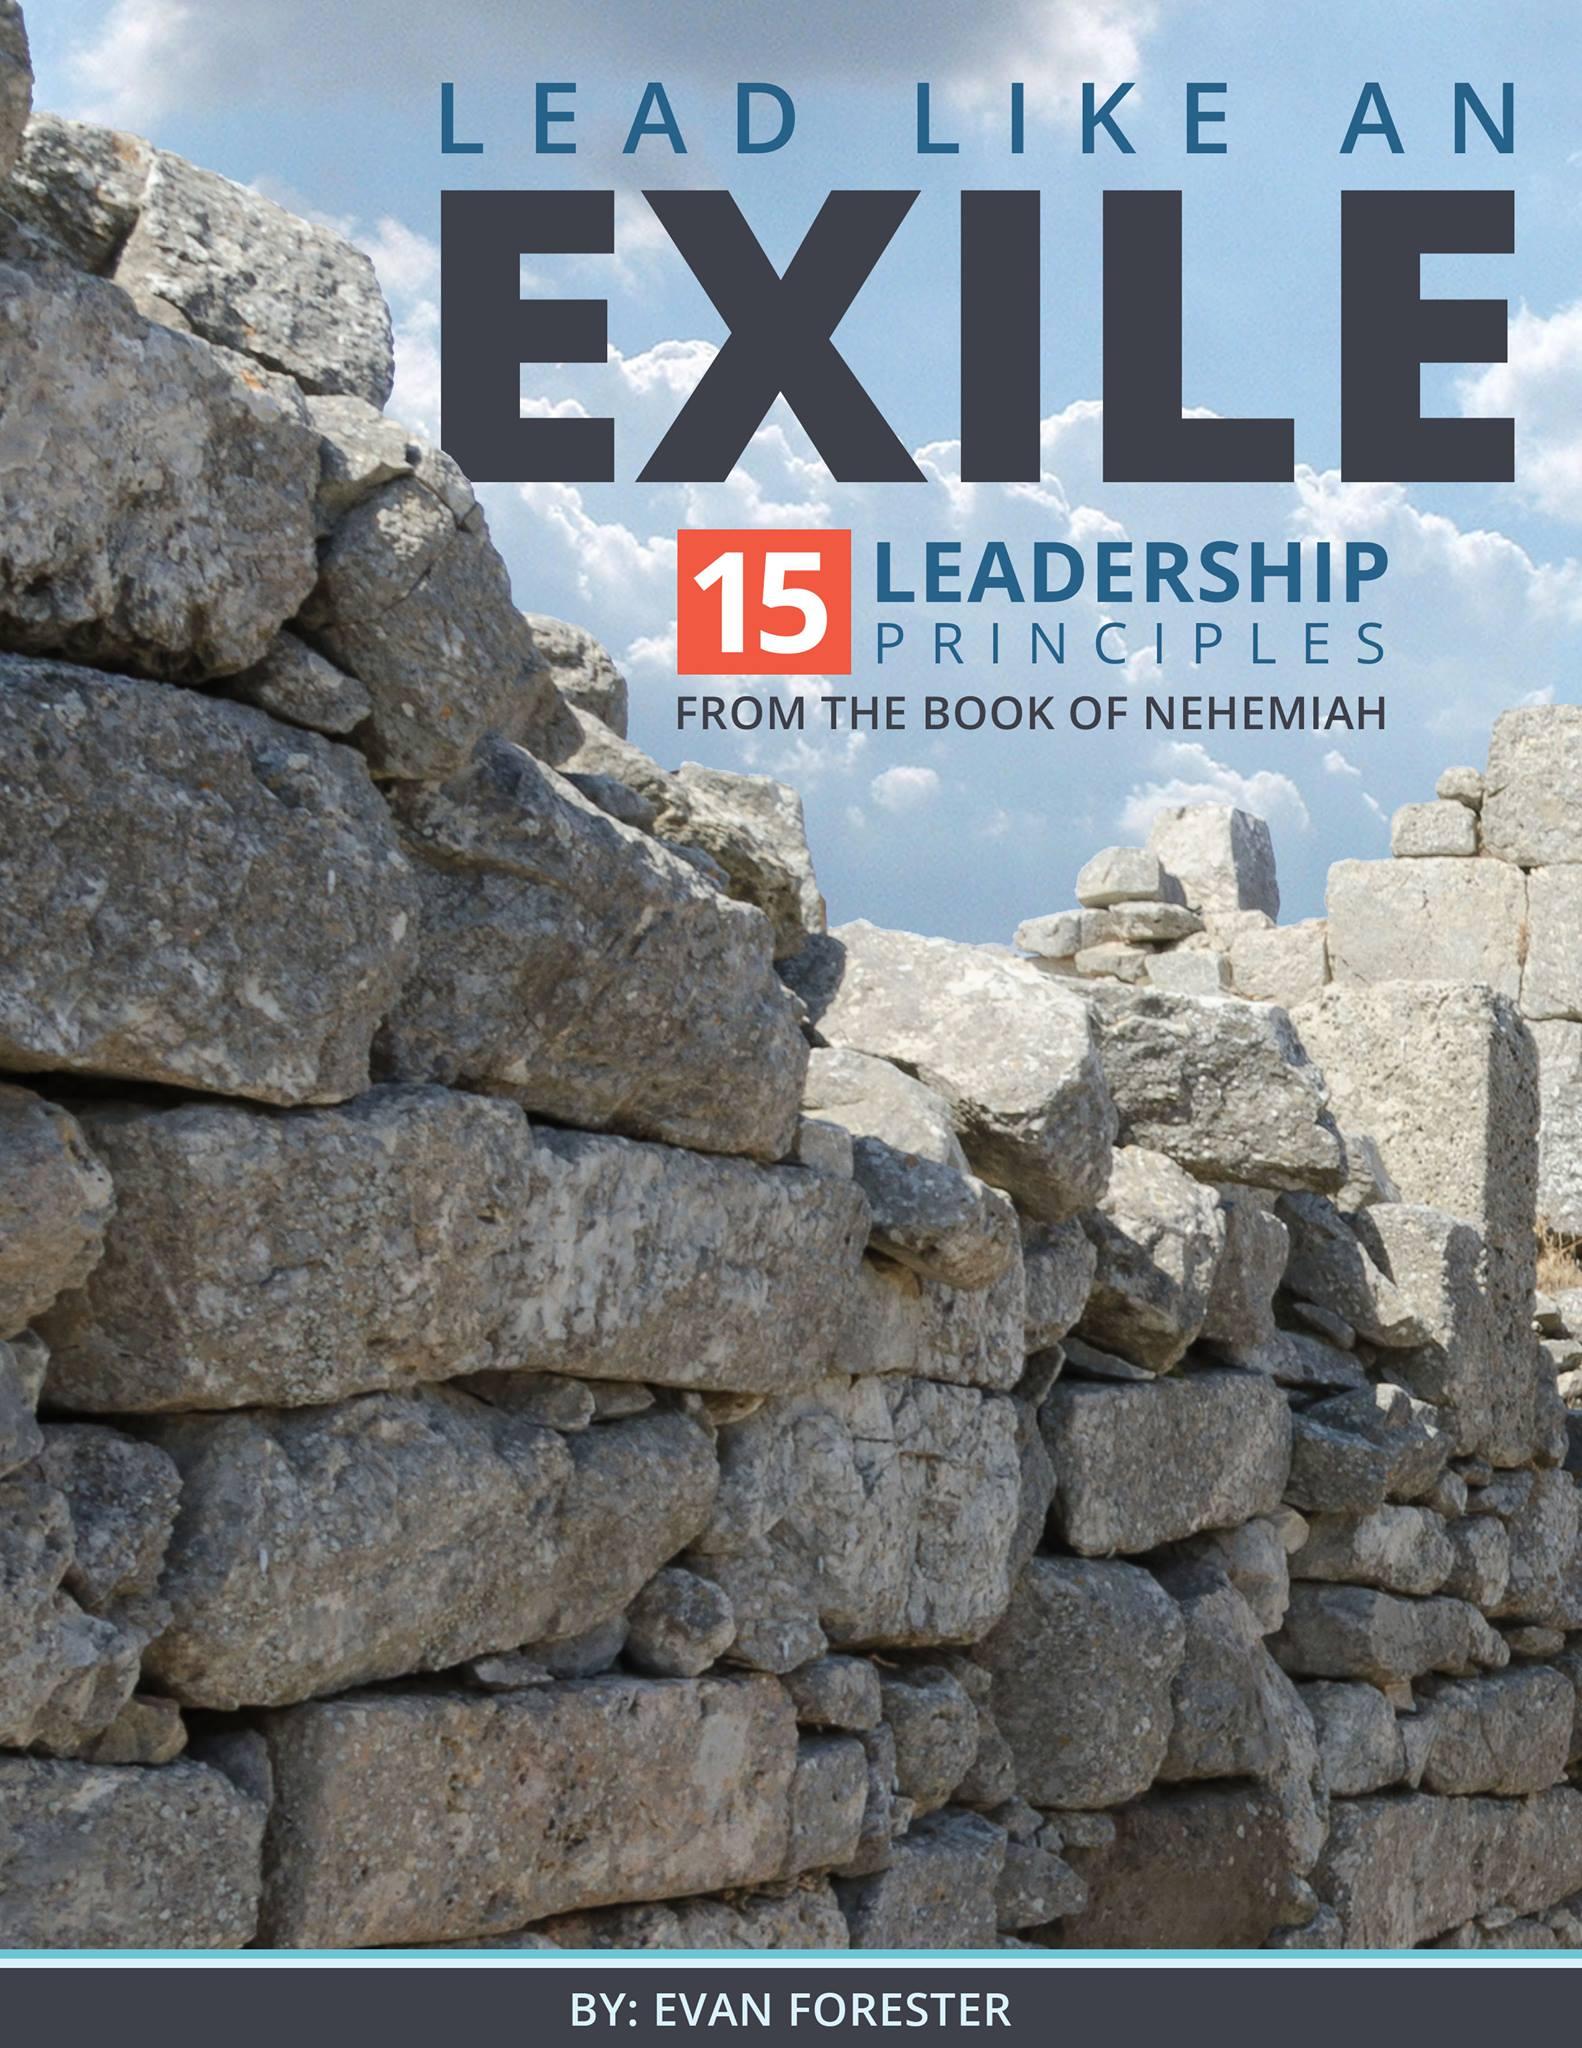 leadership principles of nehemiah